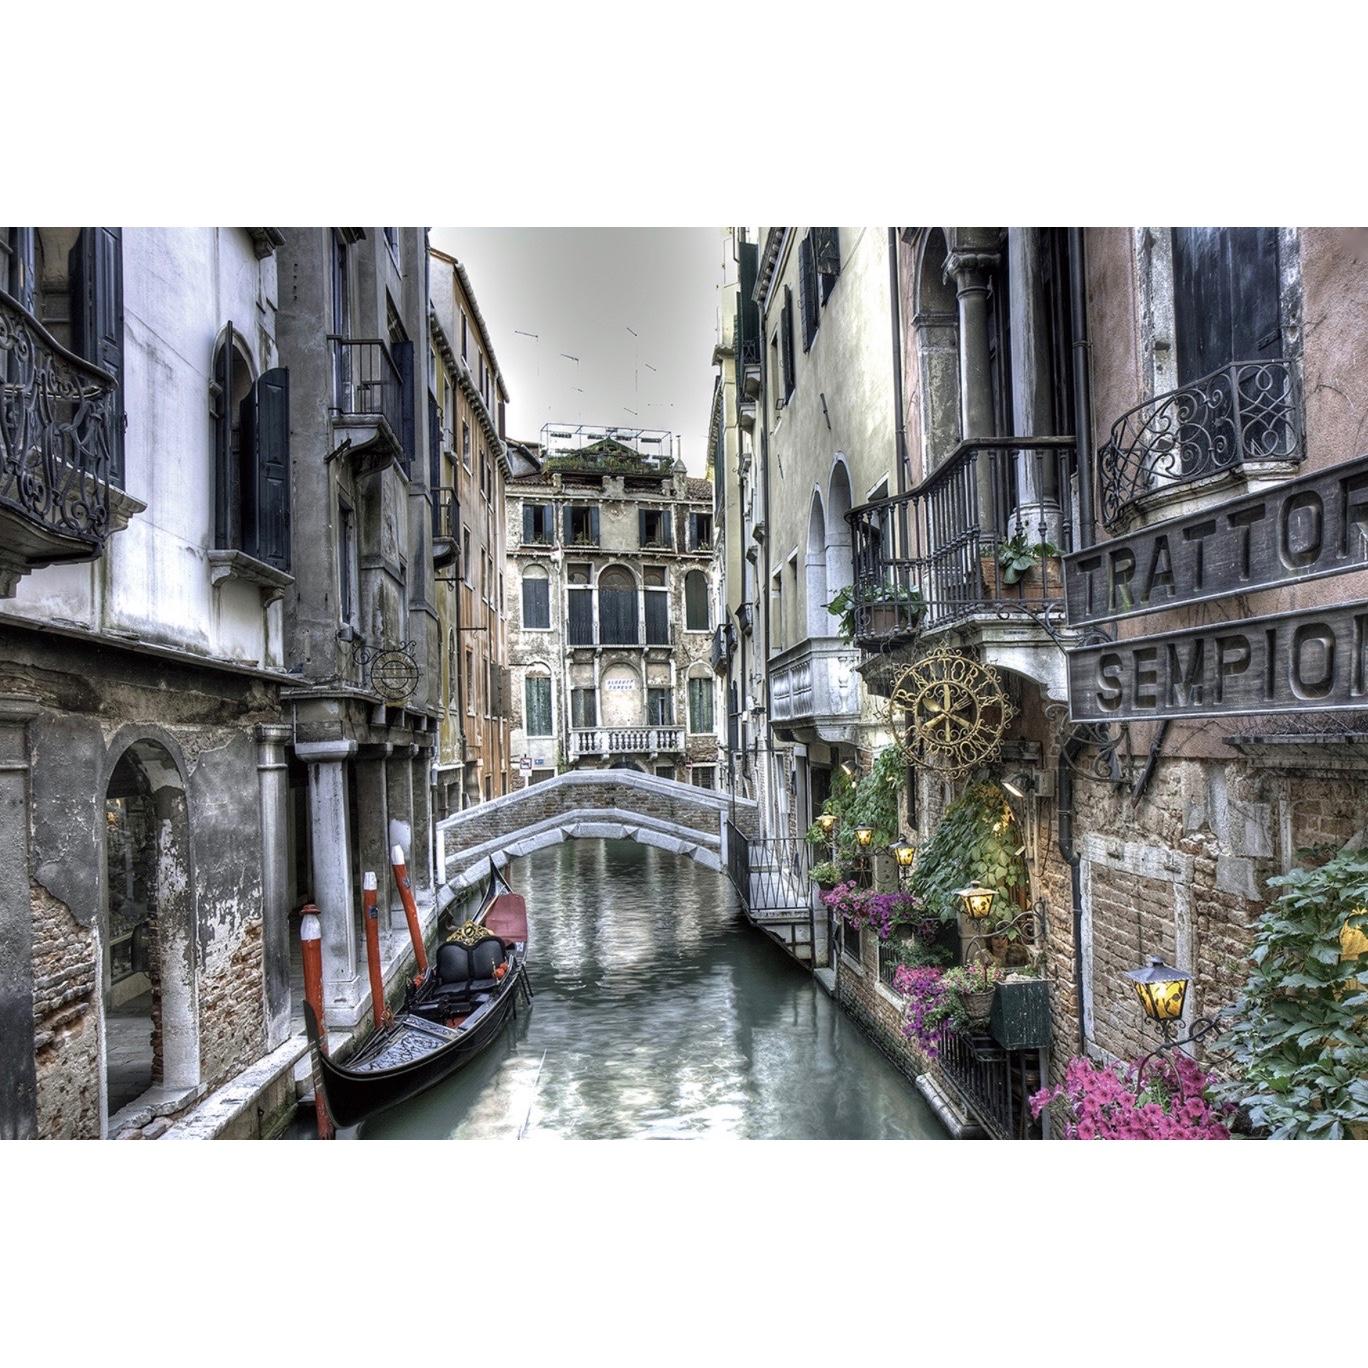 Foto op glas 'Venetie'